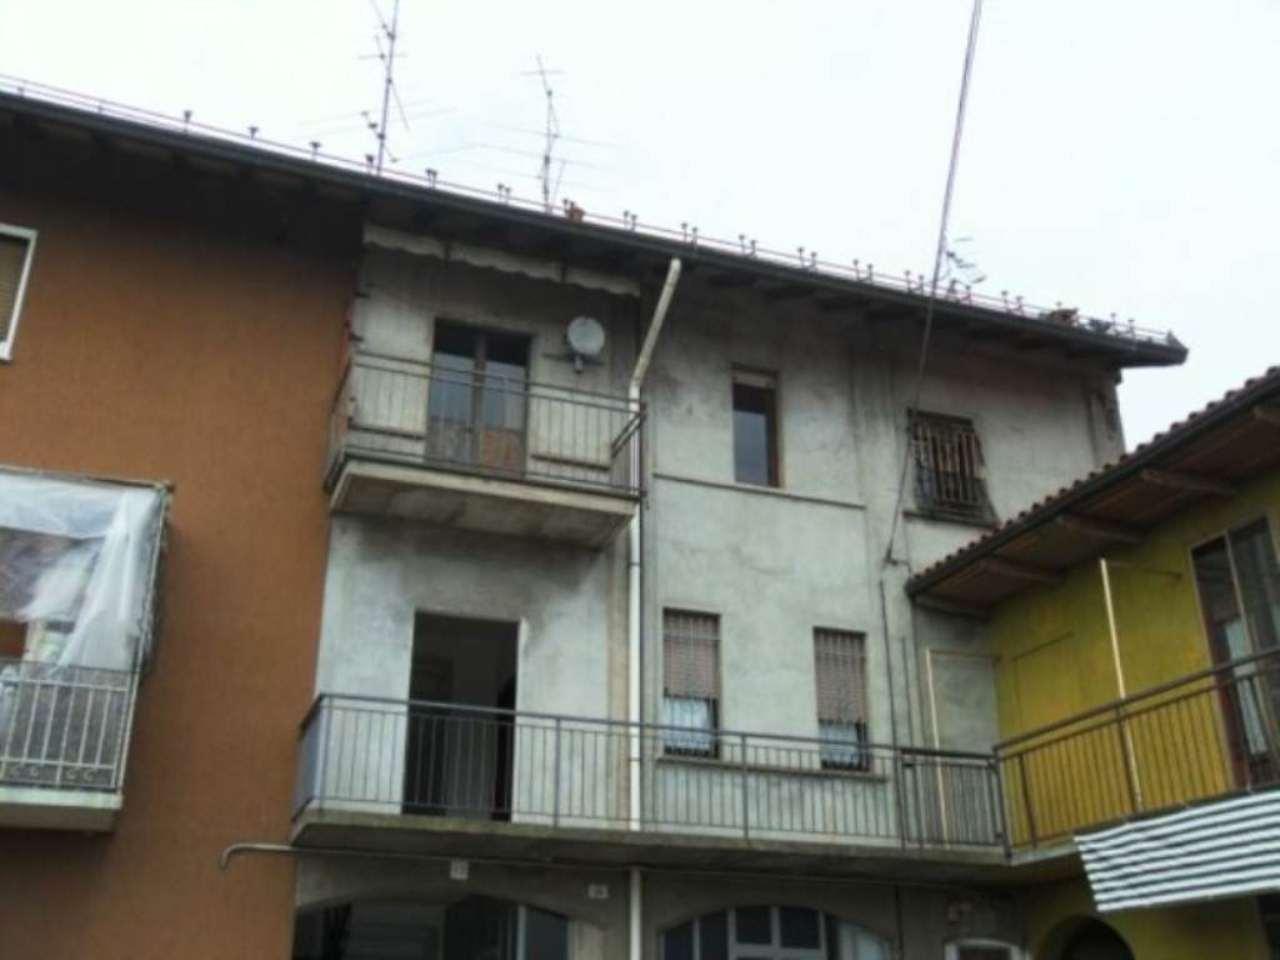 Appartamento in vendita a Morazzone, 2 locali, prezzo € 50.000 | Cambio Casa.it